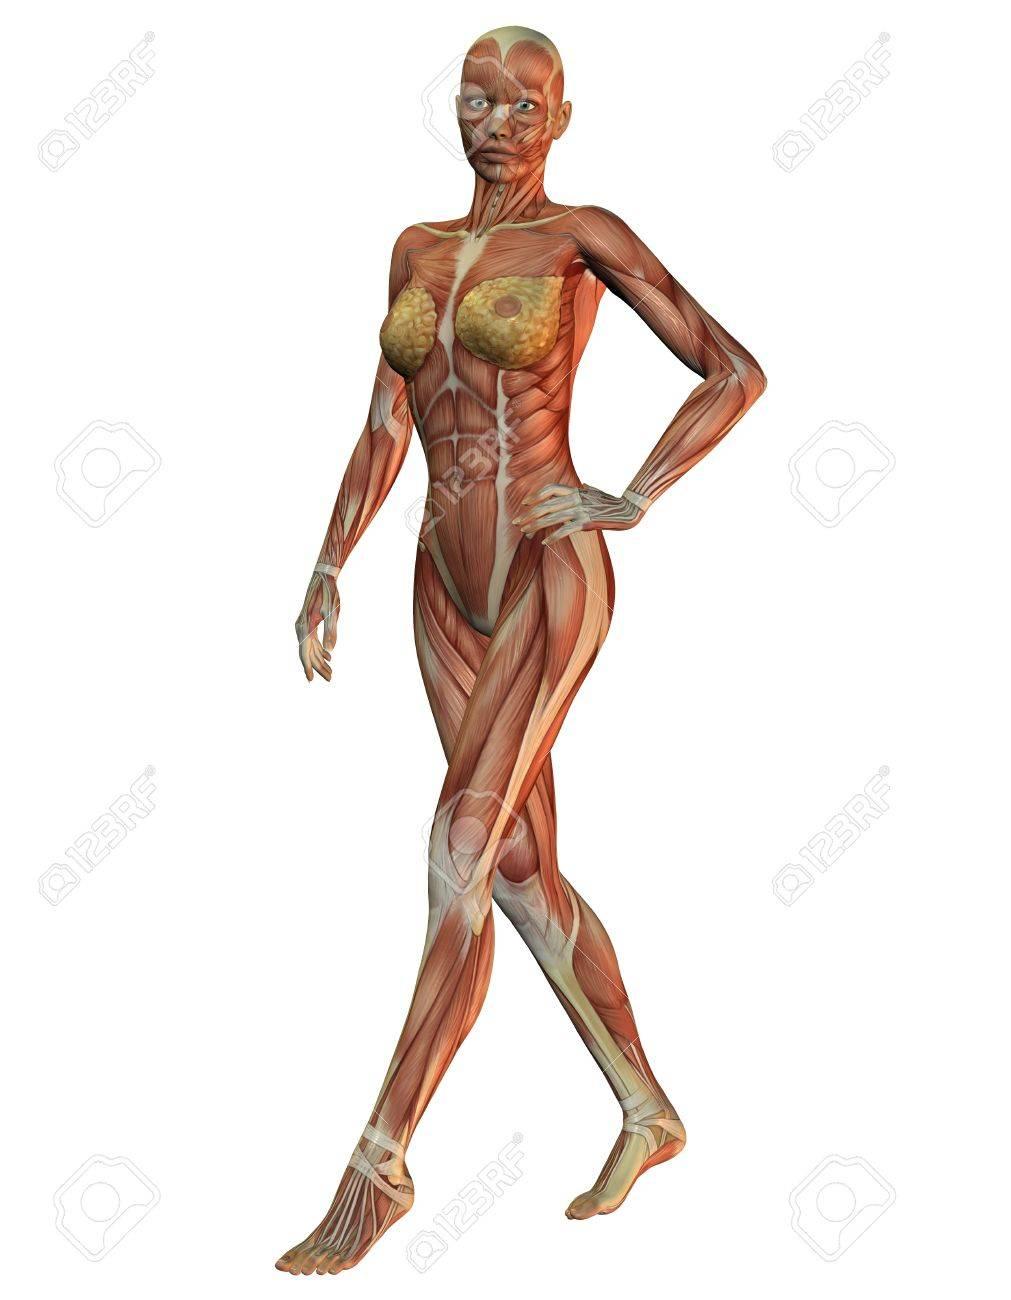 Ausgezeichnet Muskeln Körperbild Zeitgenössisch - Anatomie Ideen ...